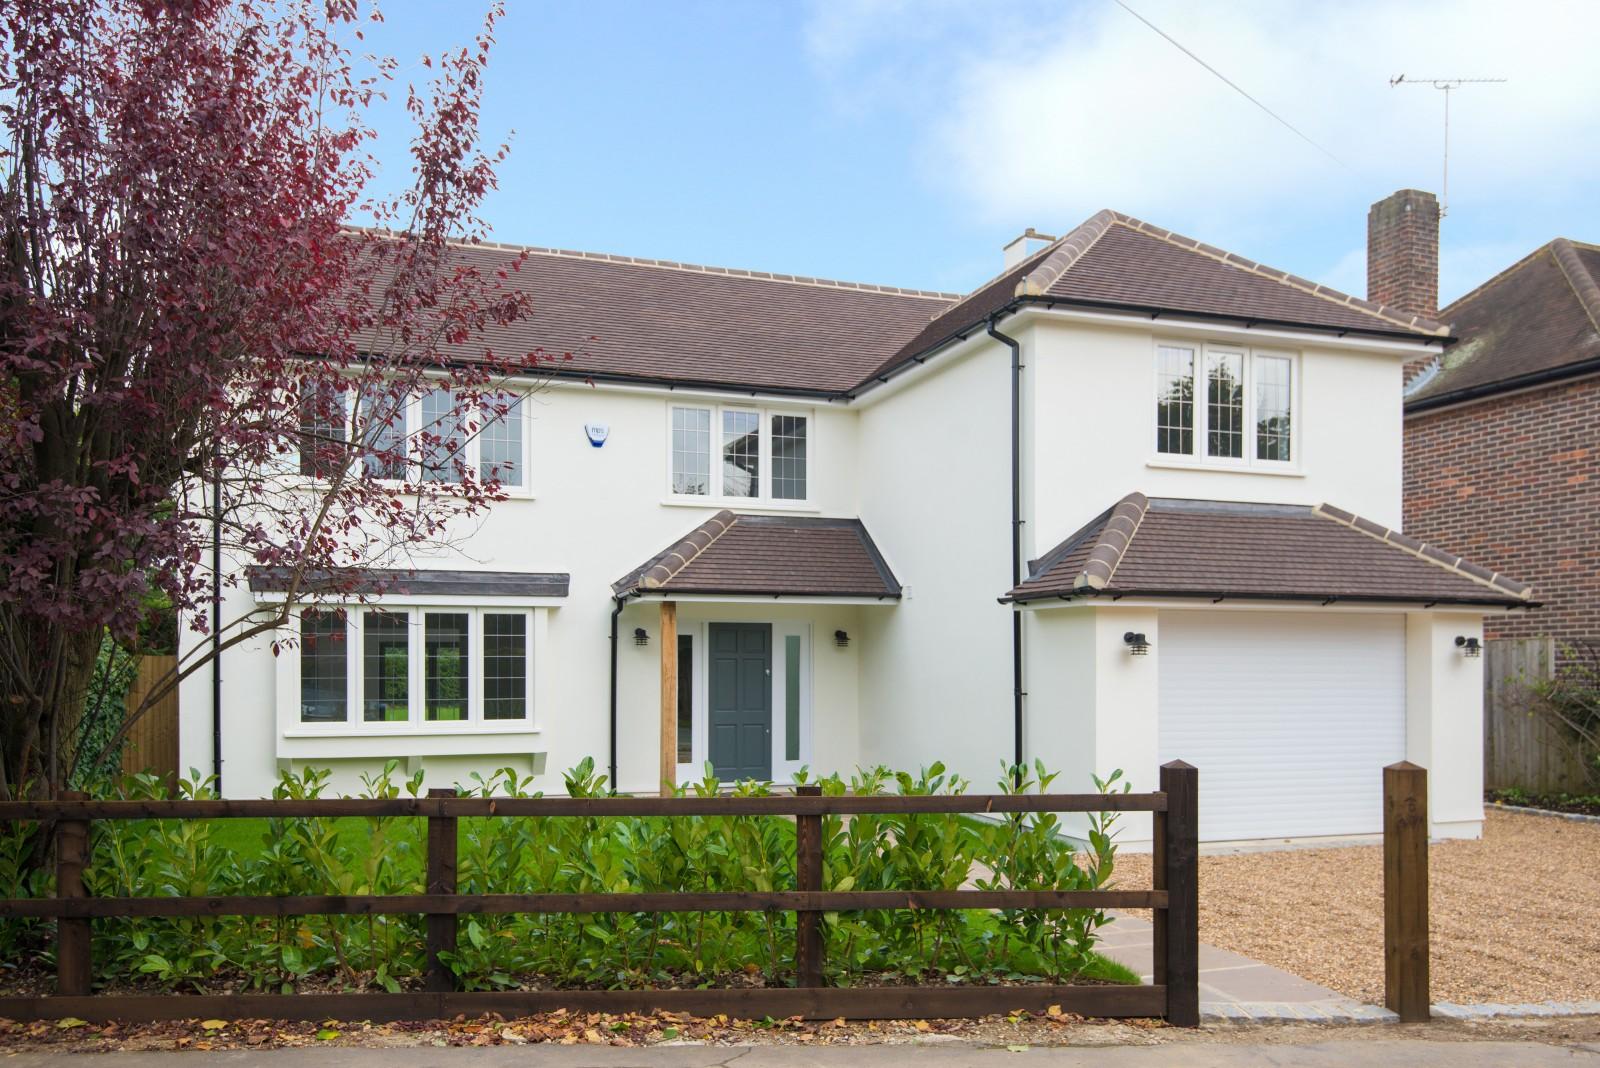 Μονοκατοικία για την Ενοίκιο στο Orchehill Avenue, Gerrards Cross, Buckinghamshire, SL9 Gerrards Cross, Αγγλια